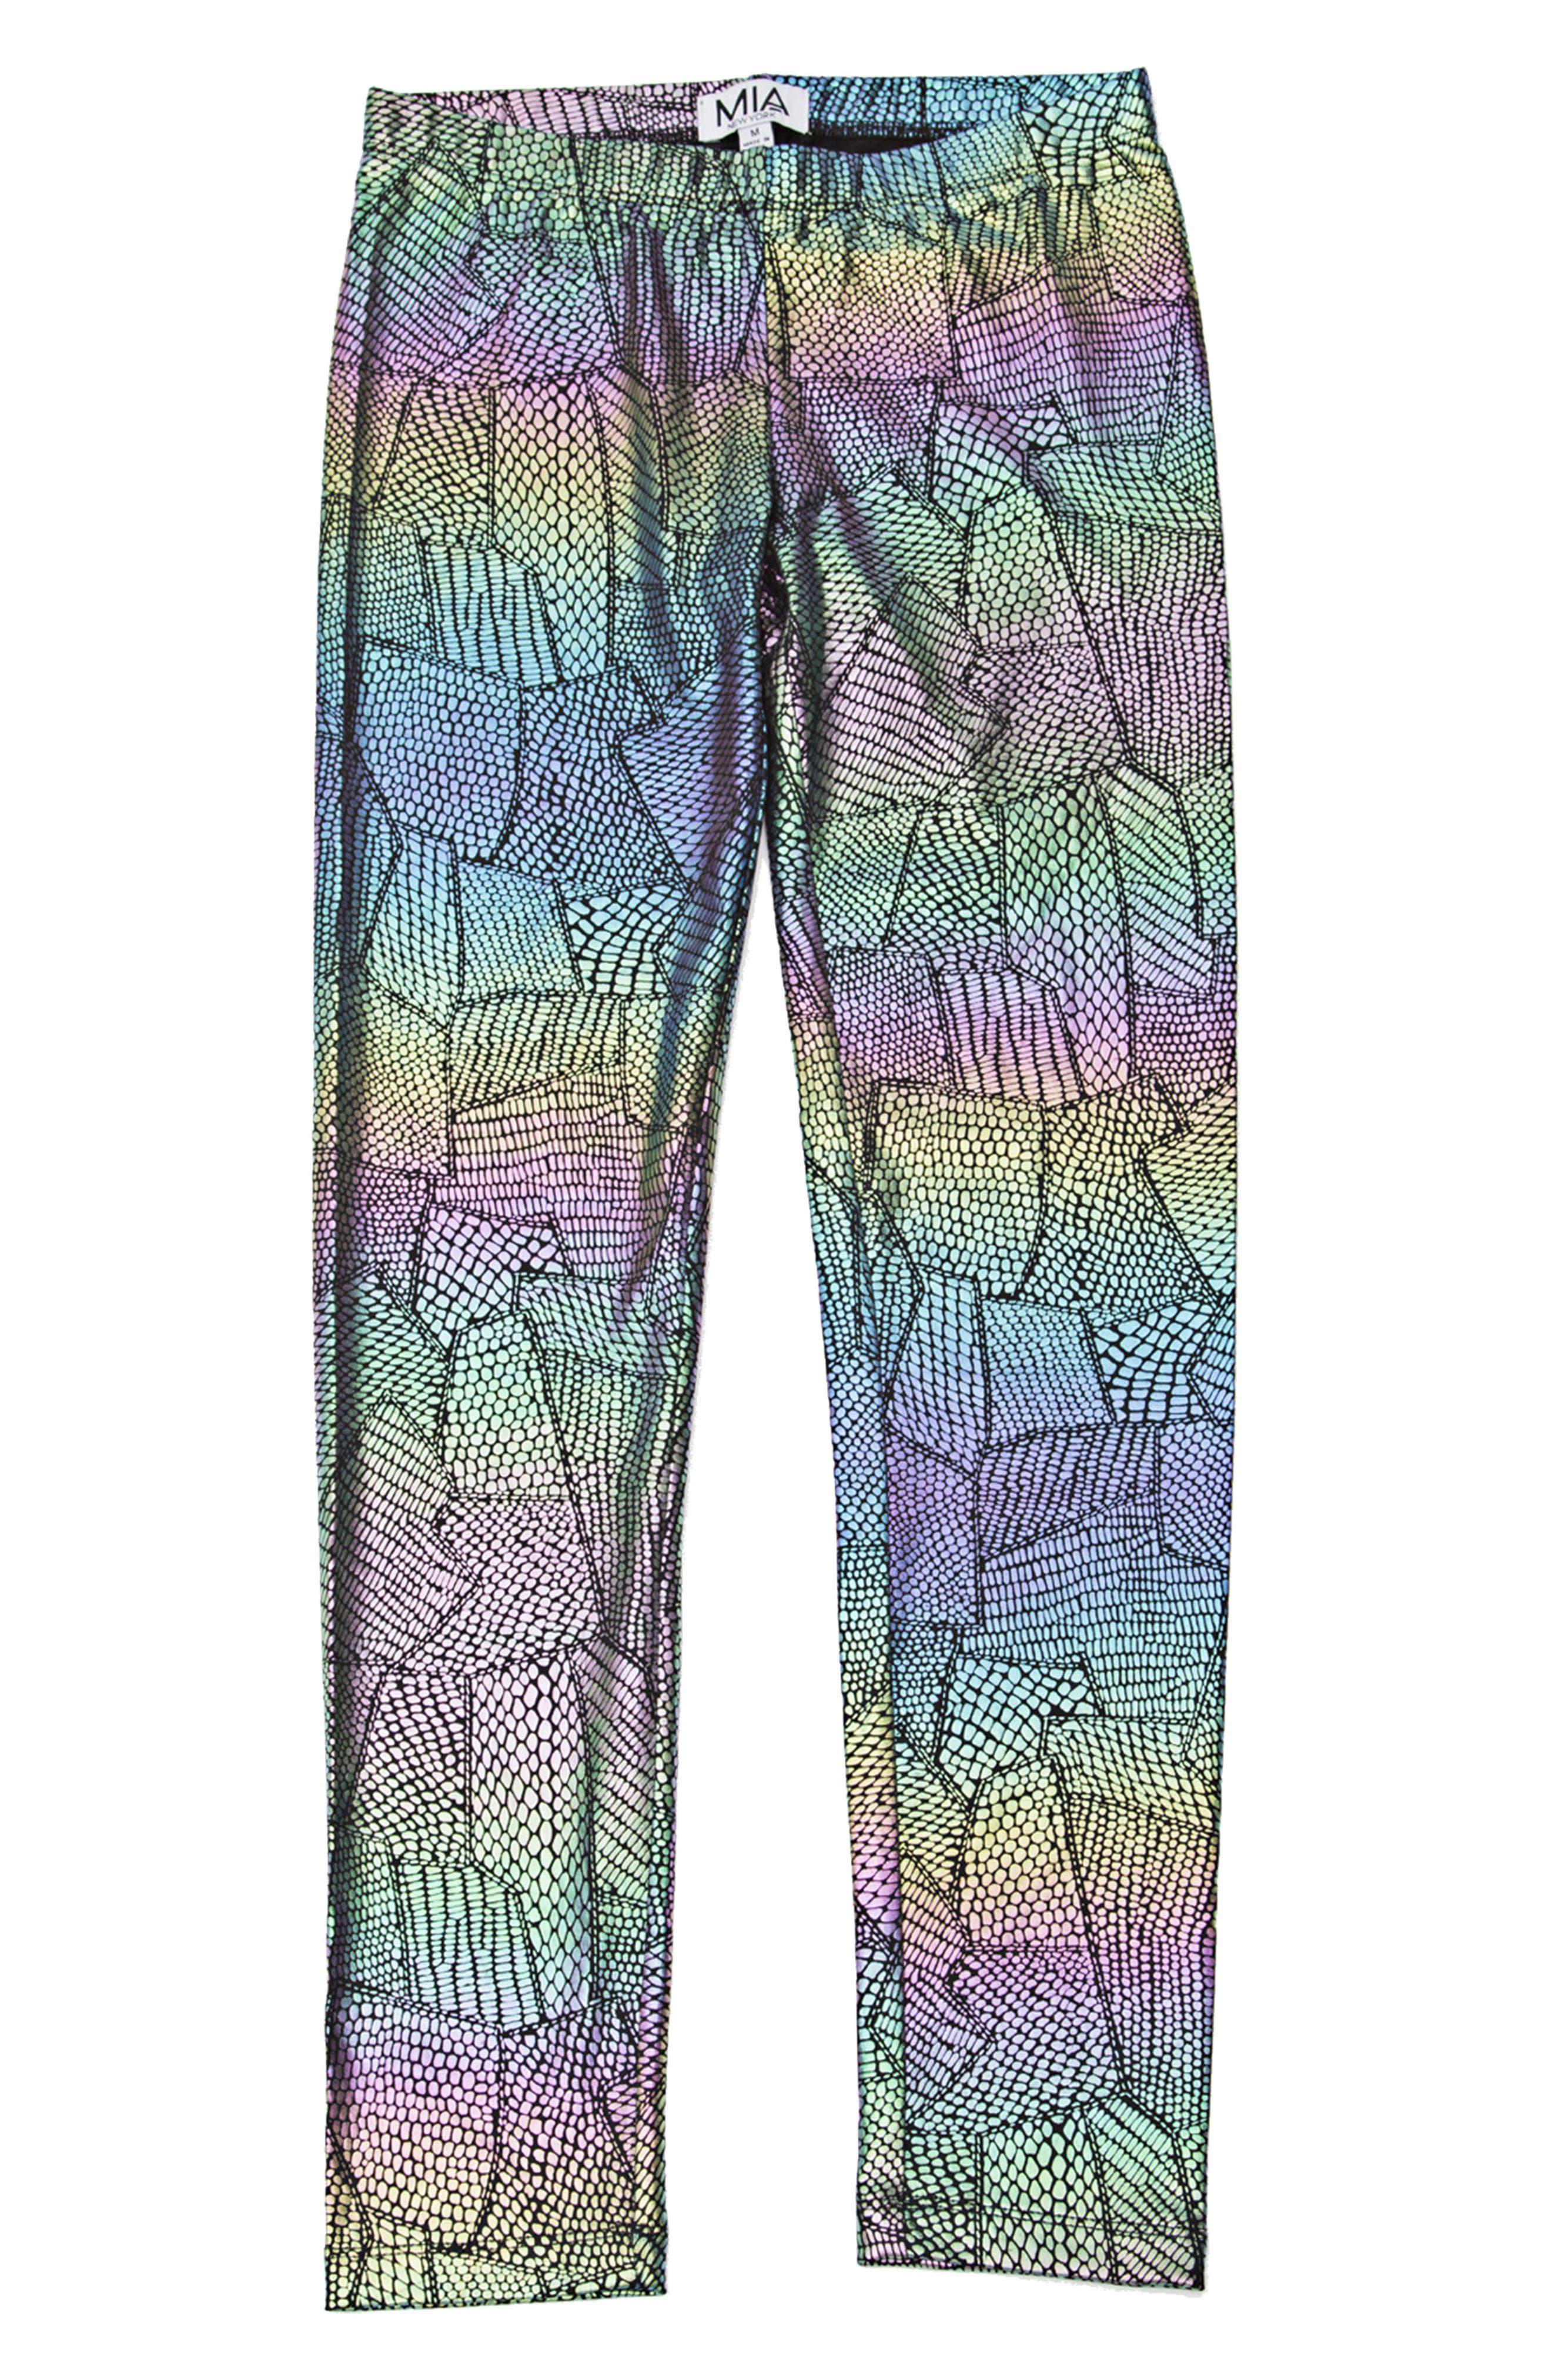 Crazy Print Leggings,                         Main,                         color, 330